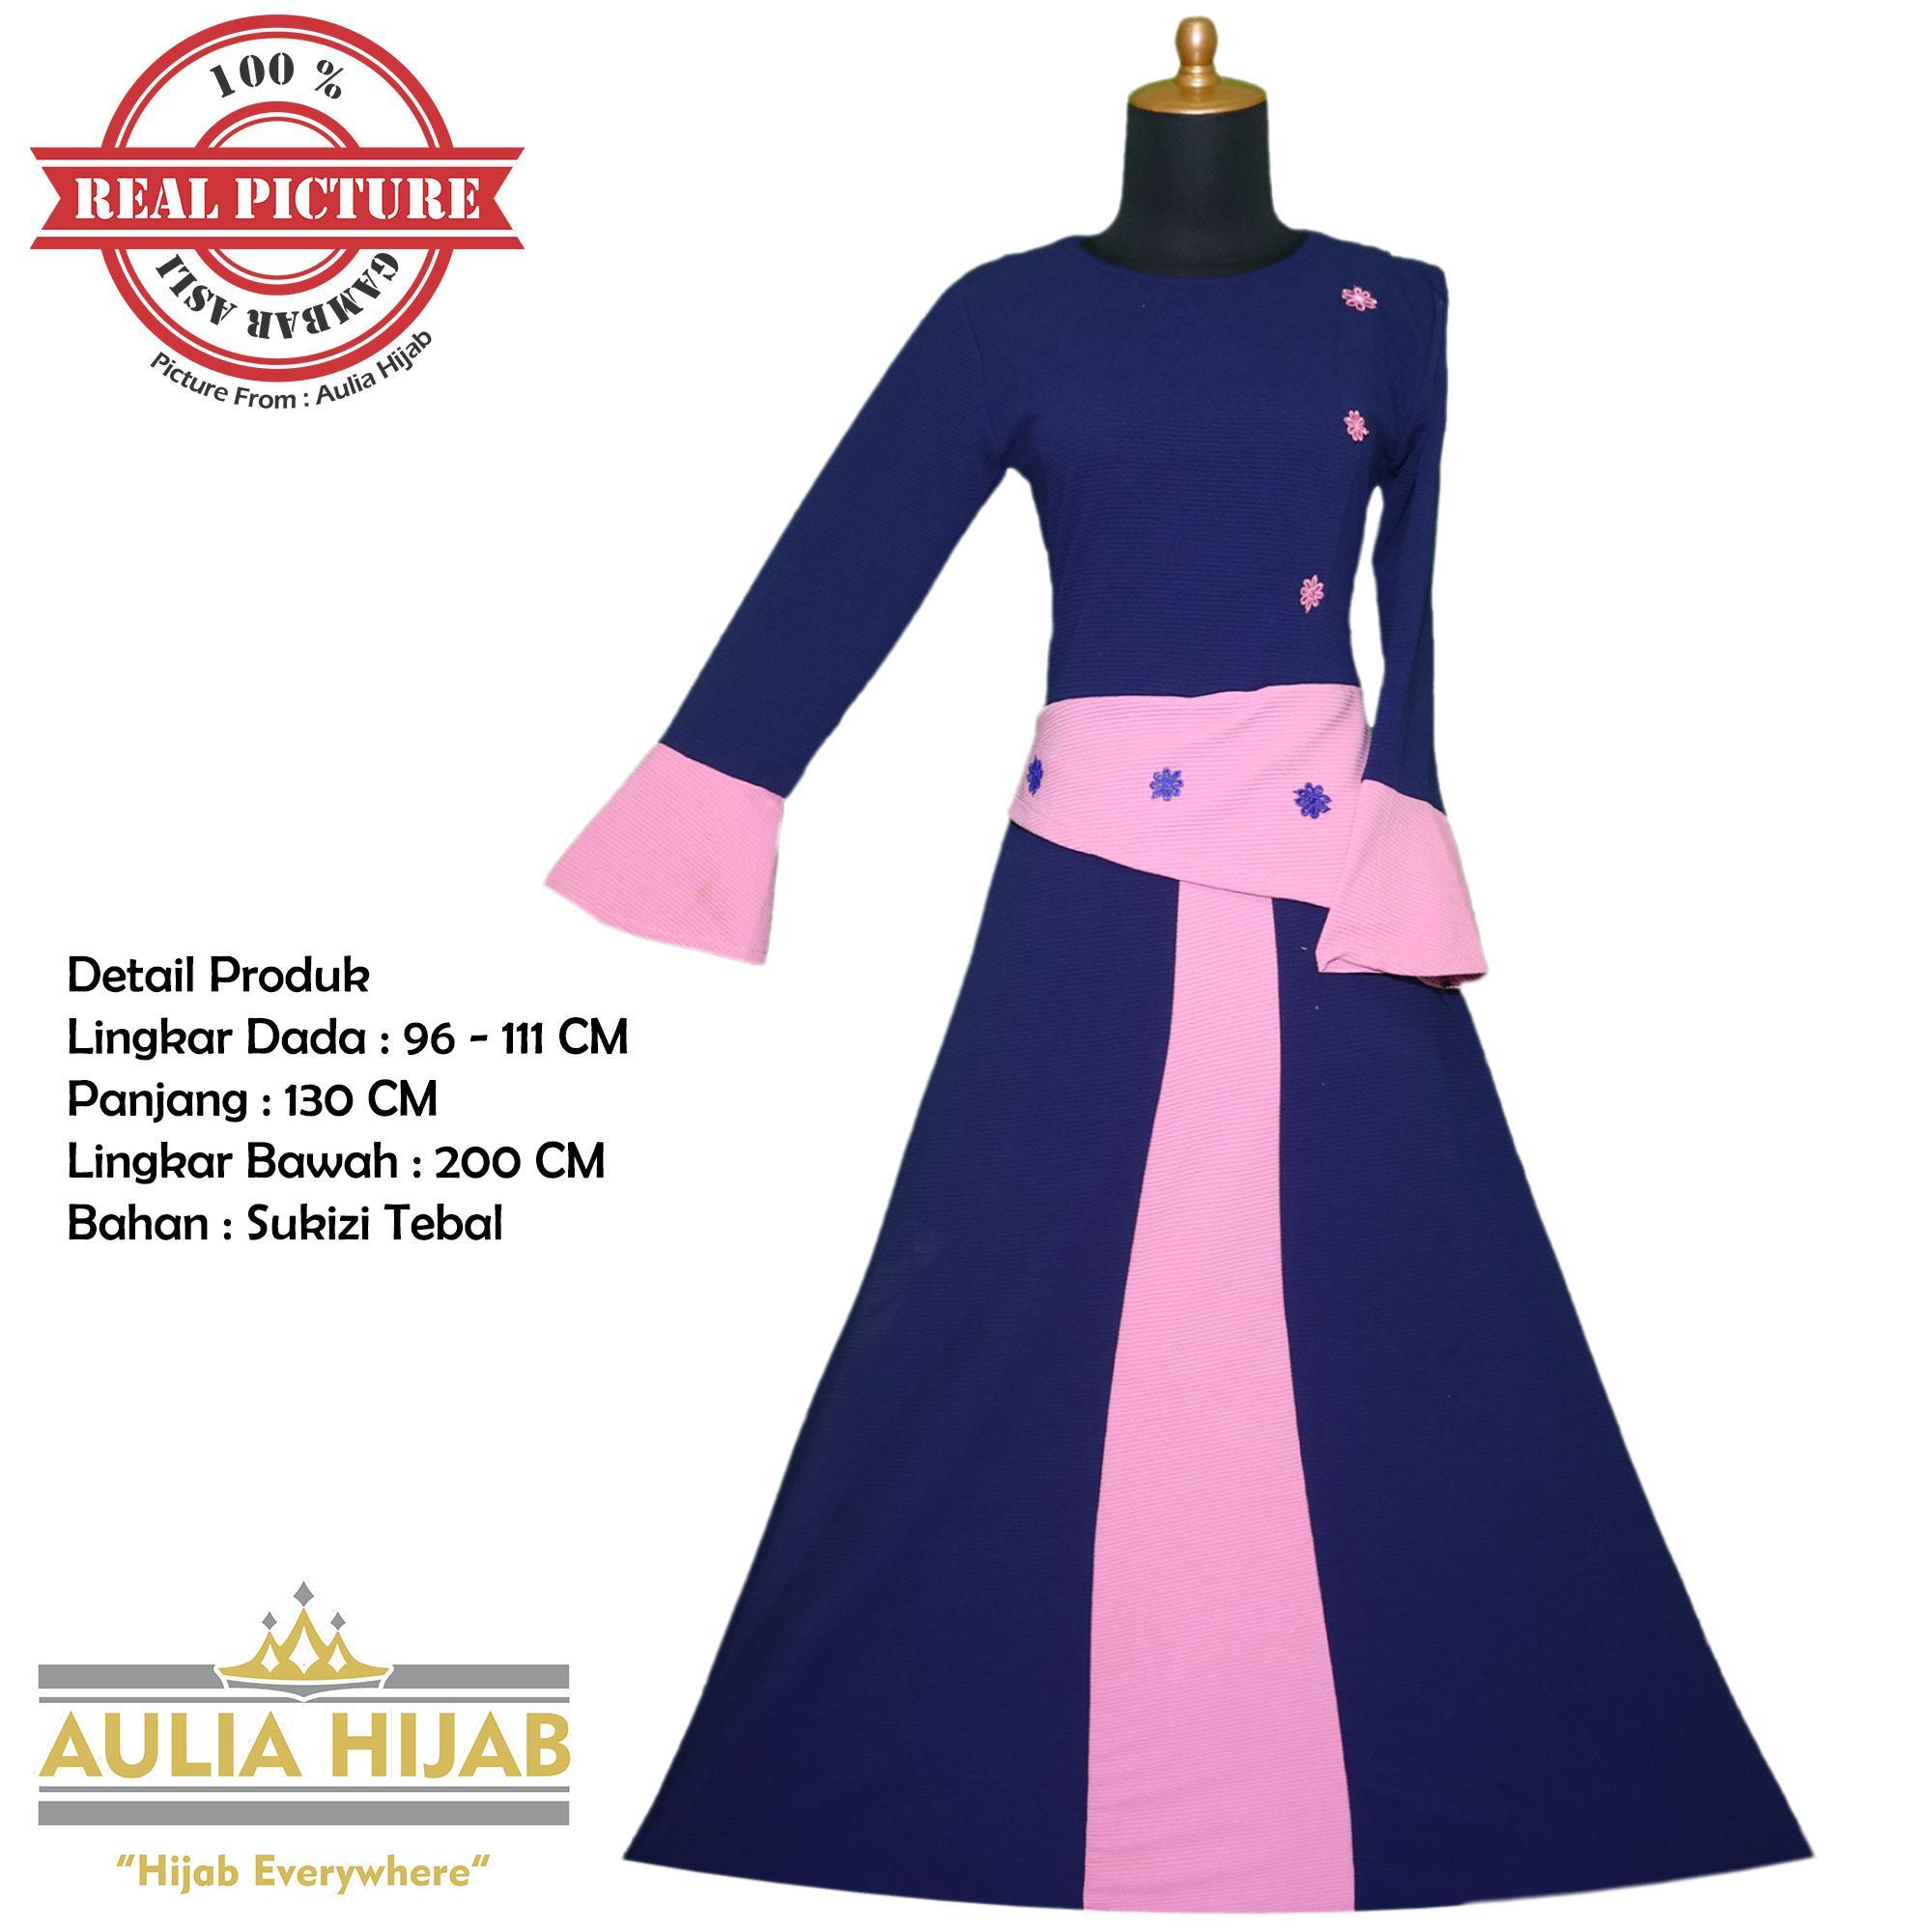 Aulia Hijab - Gamis Sabrina Dress Bahan Sukizi Tebal Premium/Gamis Sukizi/Gamis Kaos/Gamis Murah/Gamis Bahan Tebal/Gamis Polos/Gamis Kerja/Gamis Lebaran/Gamis Terbaru/Gamis Mewah/Gamis Best Seller